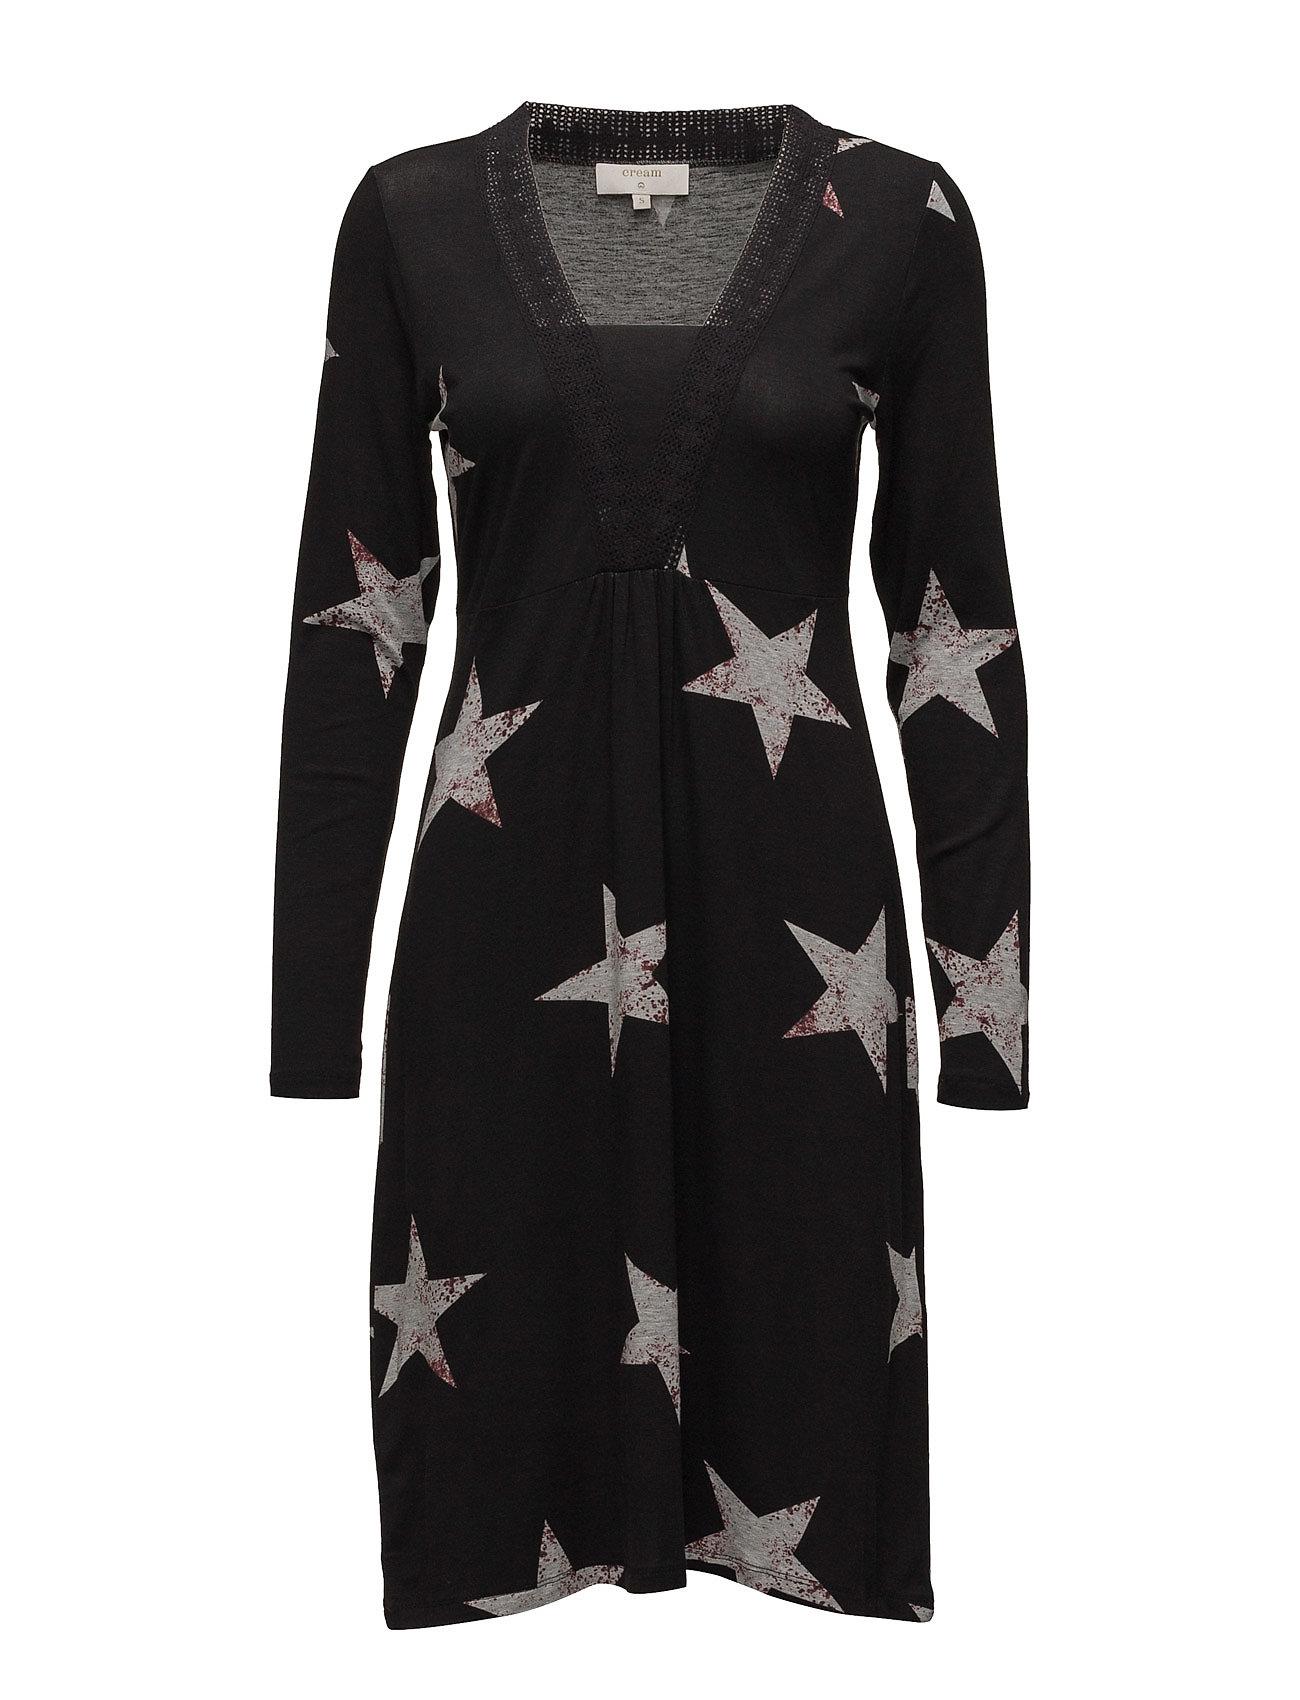 Stacia Dress Cream Korte kjoler til Damer i Mørk grå